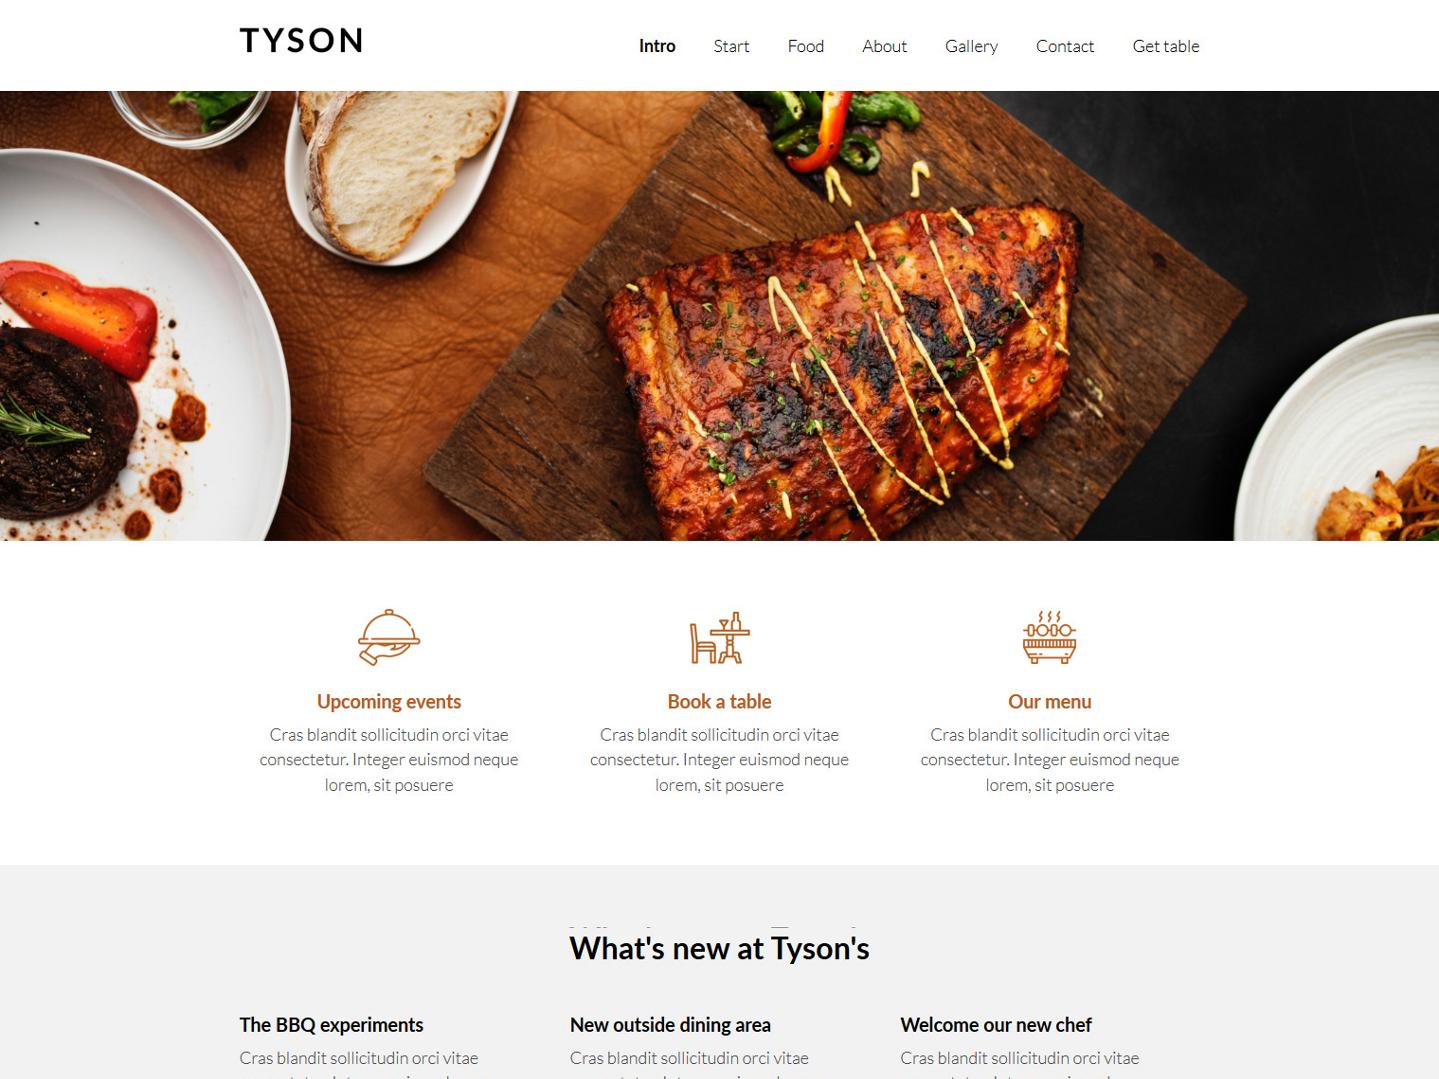 Website-Vorschau »Landingpage« des Templates »Tyson Pro«